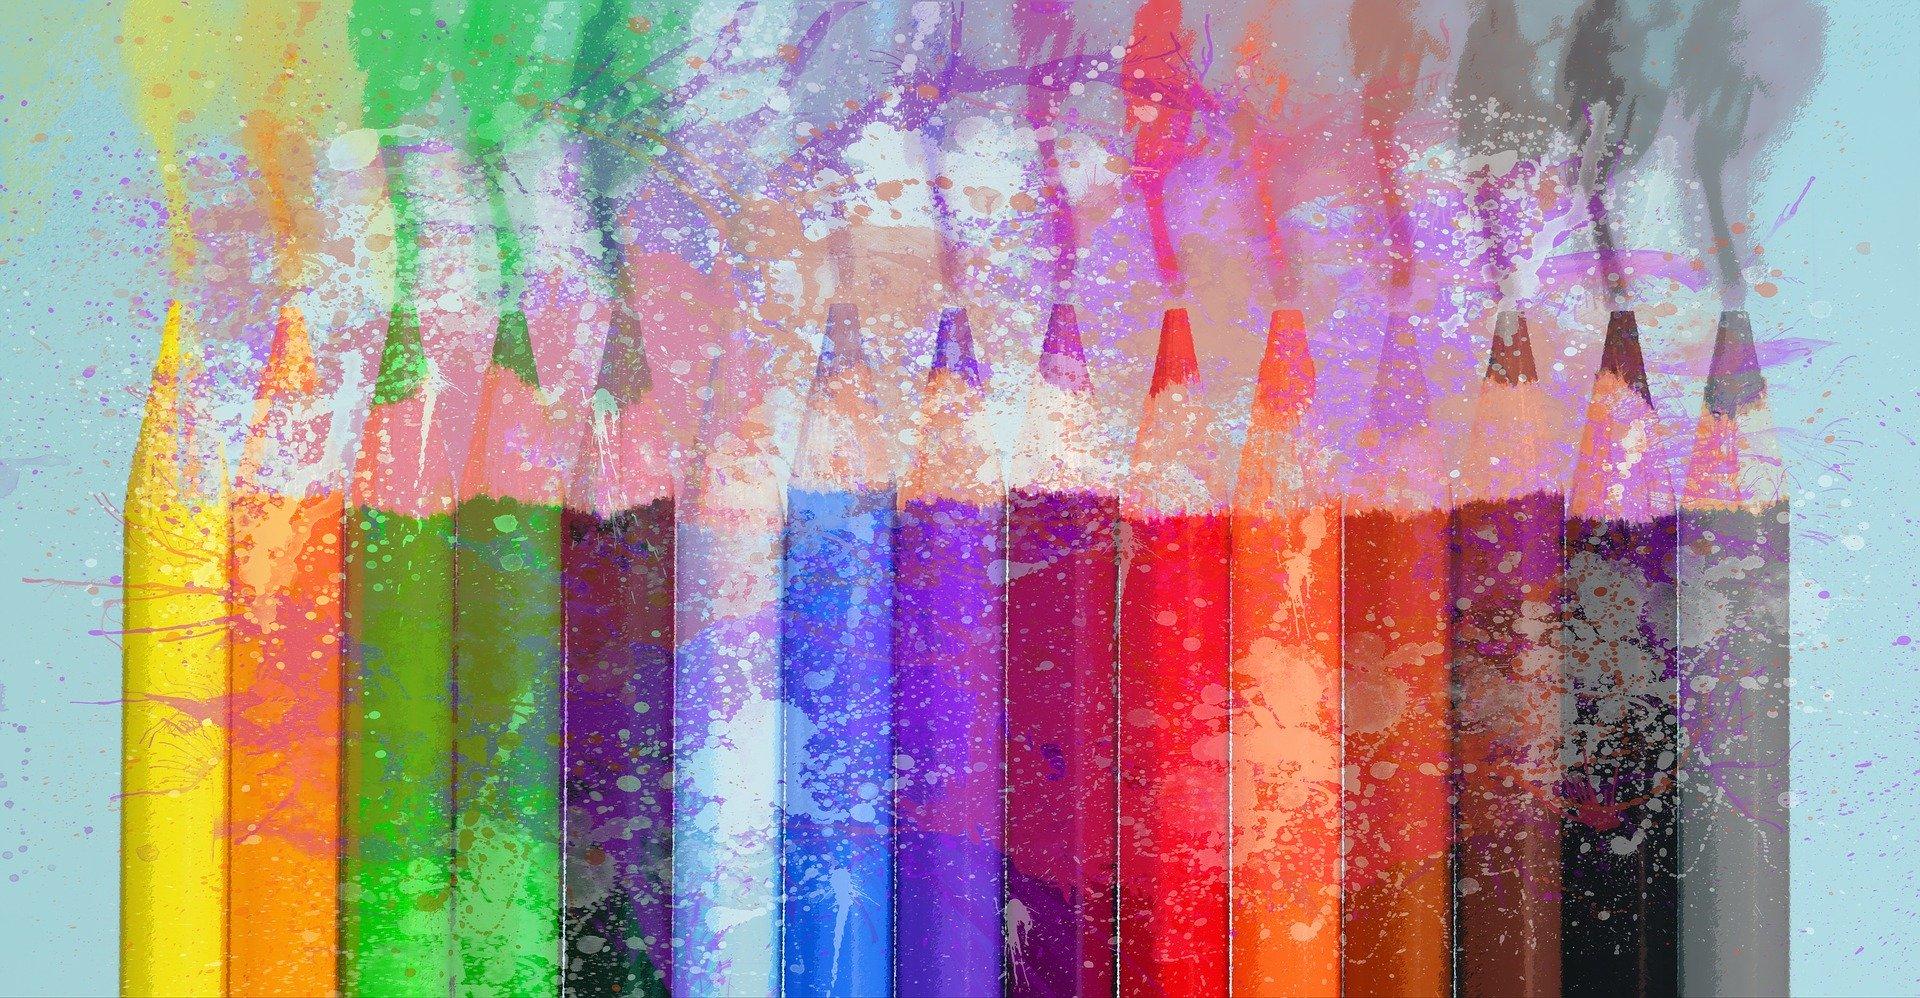 изображение цветных карандашей